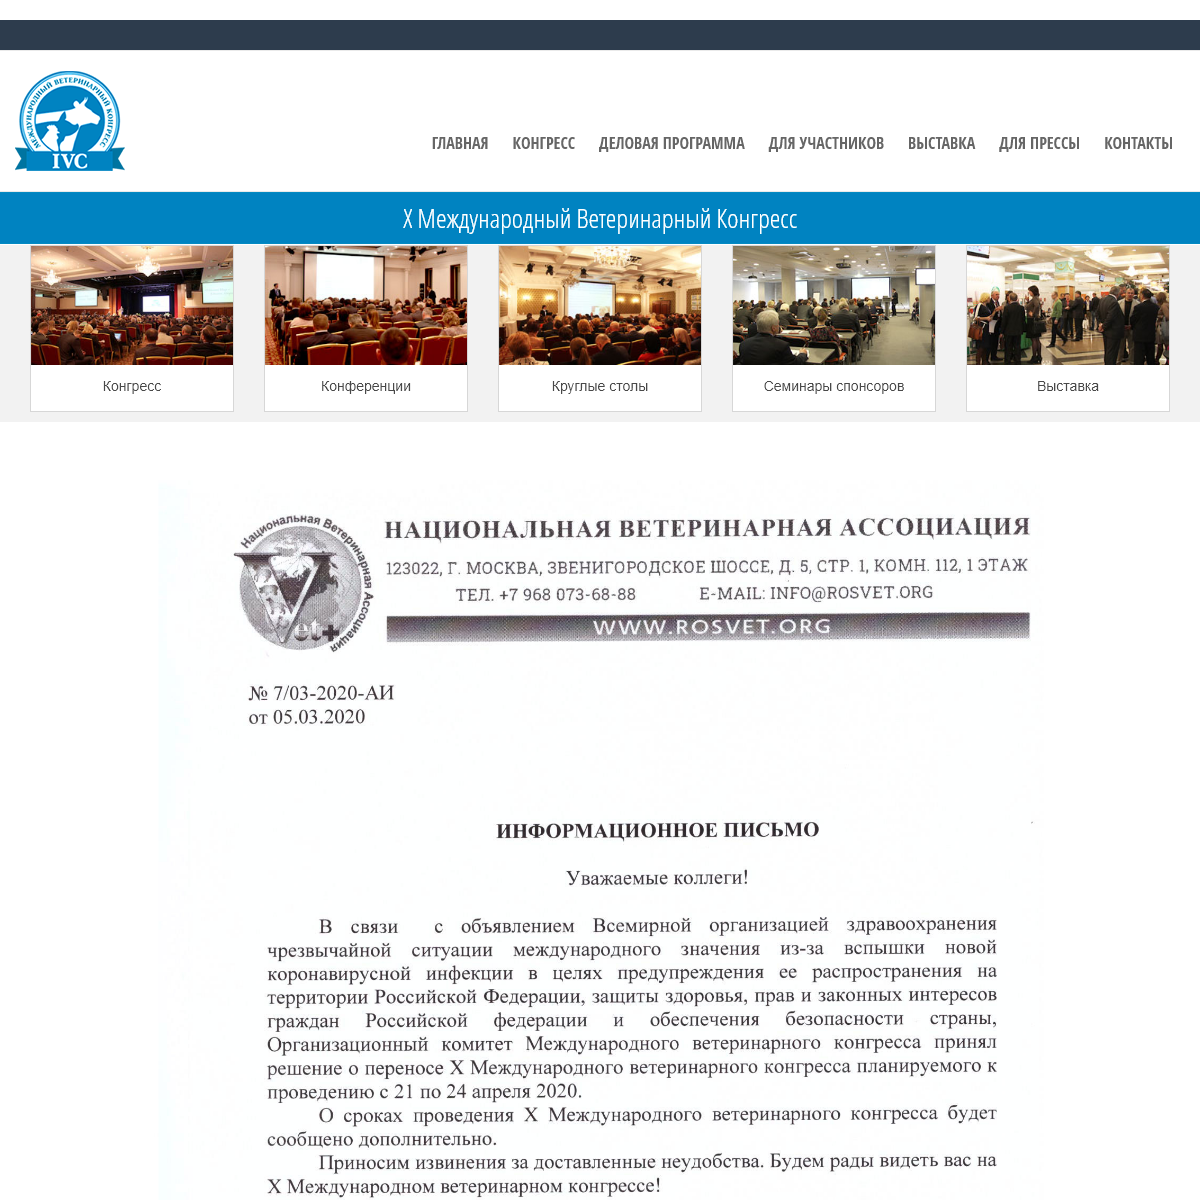 - Международный ветеринарный конгресс